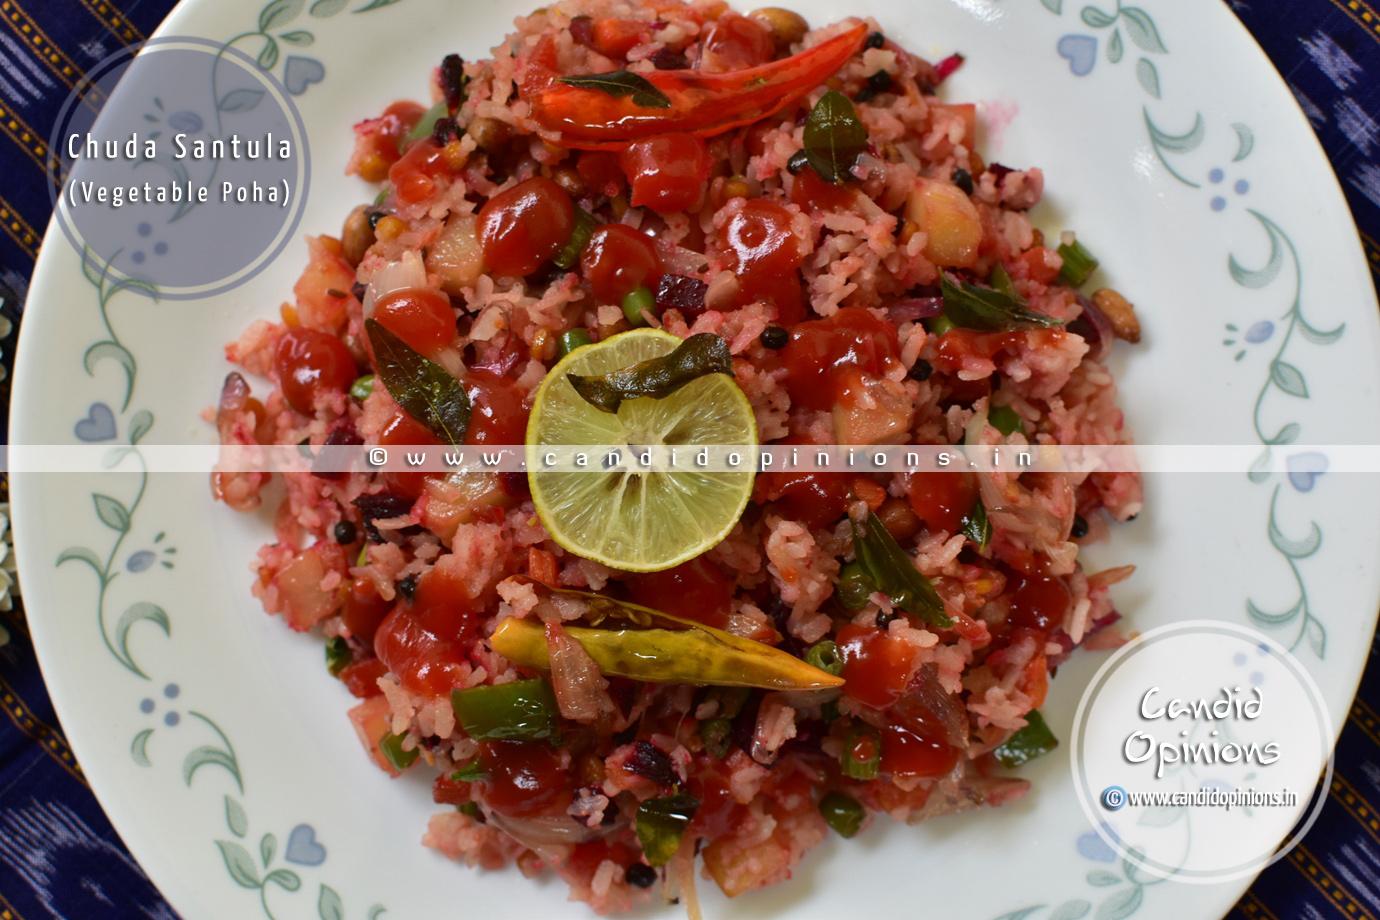 Chuda Santula (Vegetable Poha)